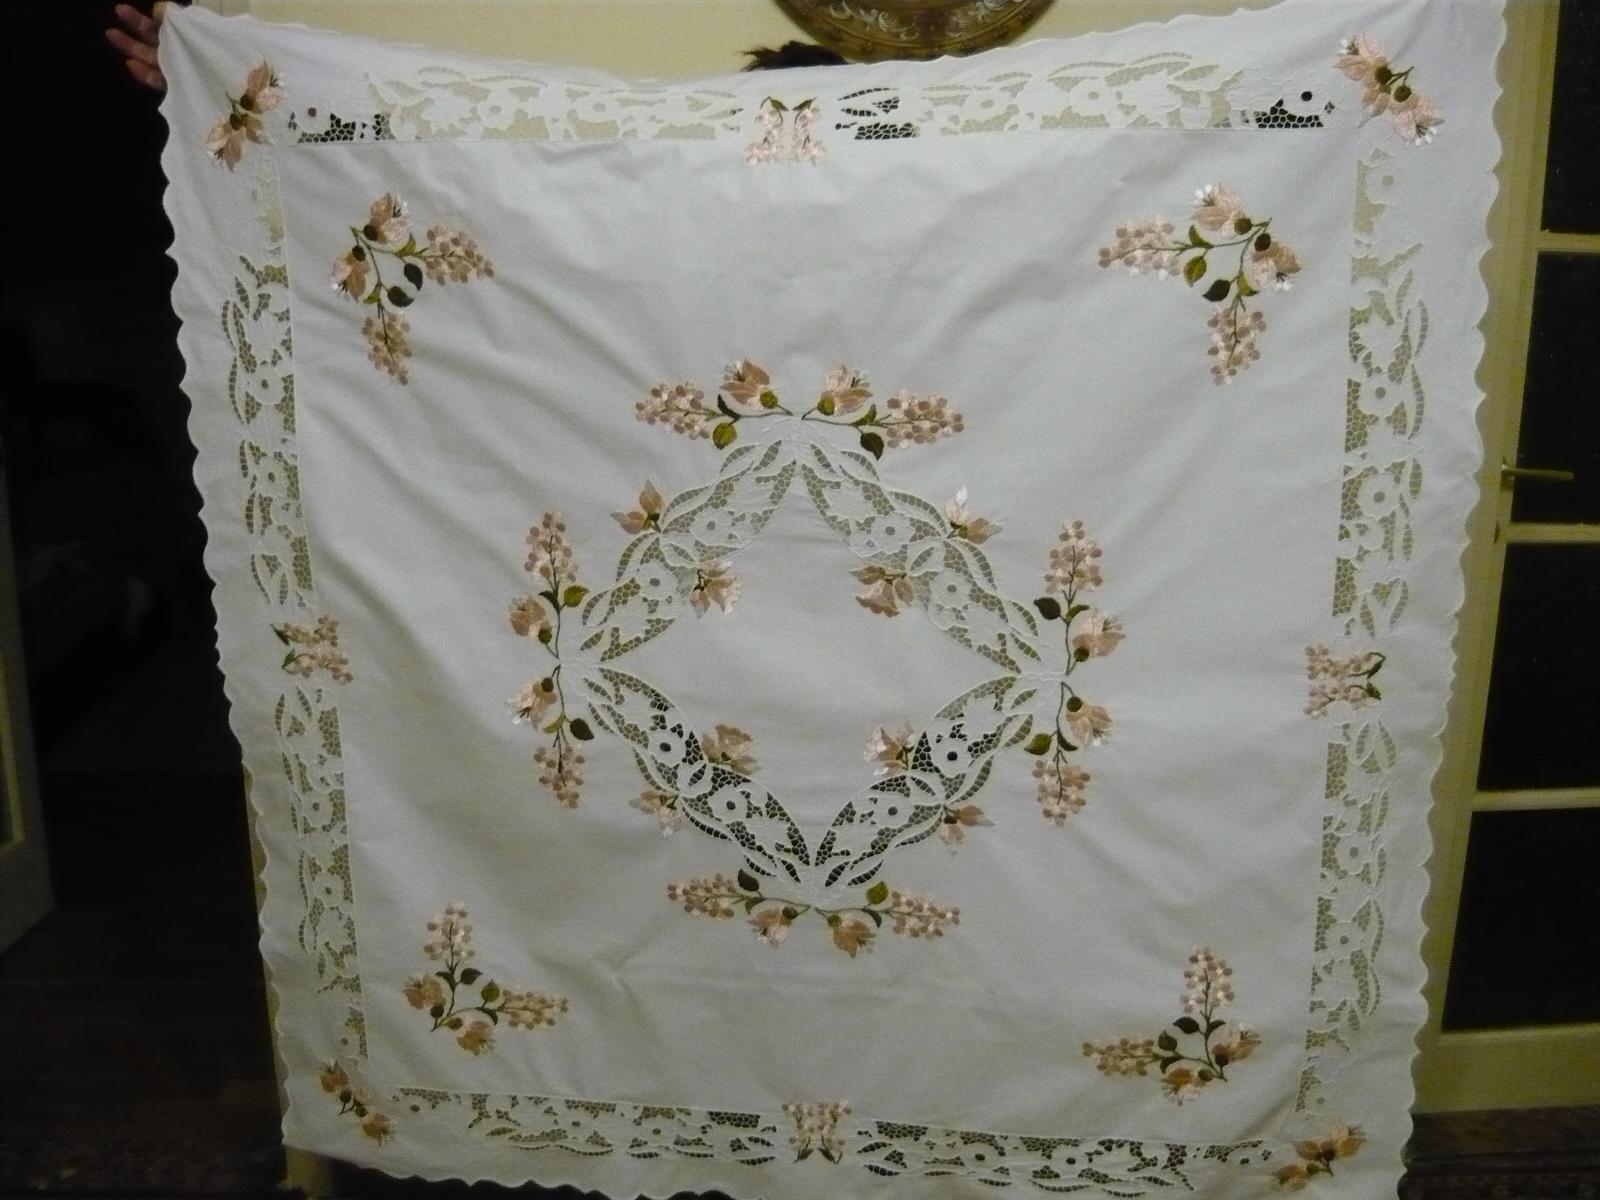 Riselt asztalterítő pasztell színben 120 x 120 cm